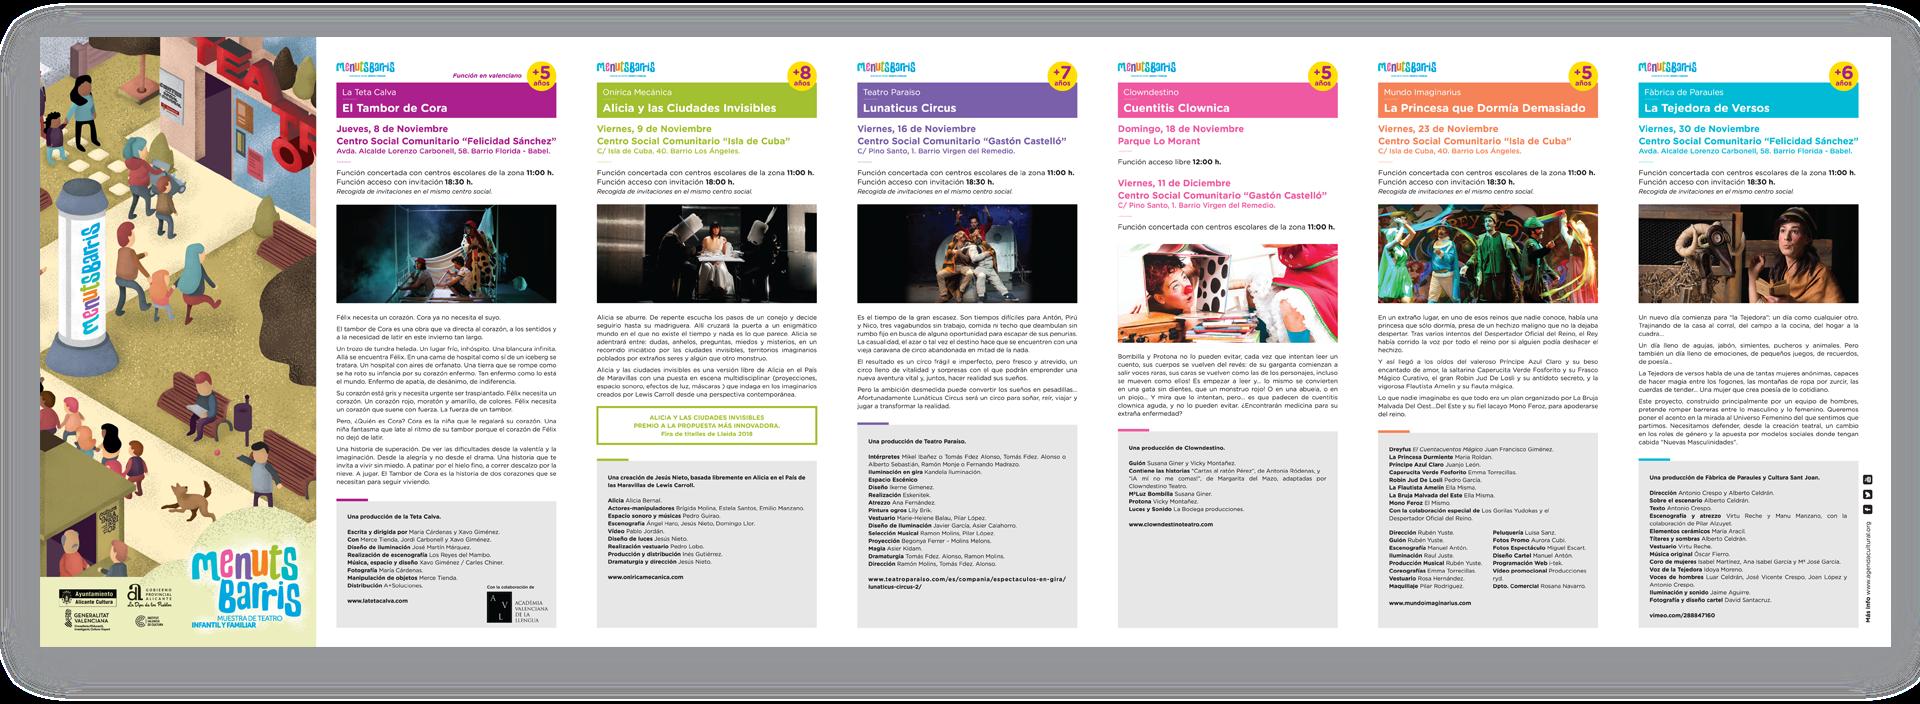 diseño grafico folleto menuts barris concejalia de cultura ayuntamiento de alicante diseñador grafico freelance alicante